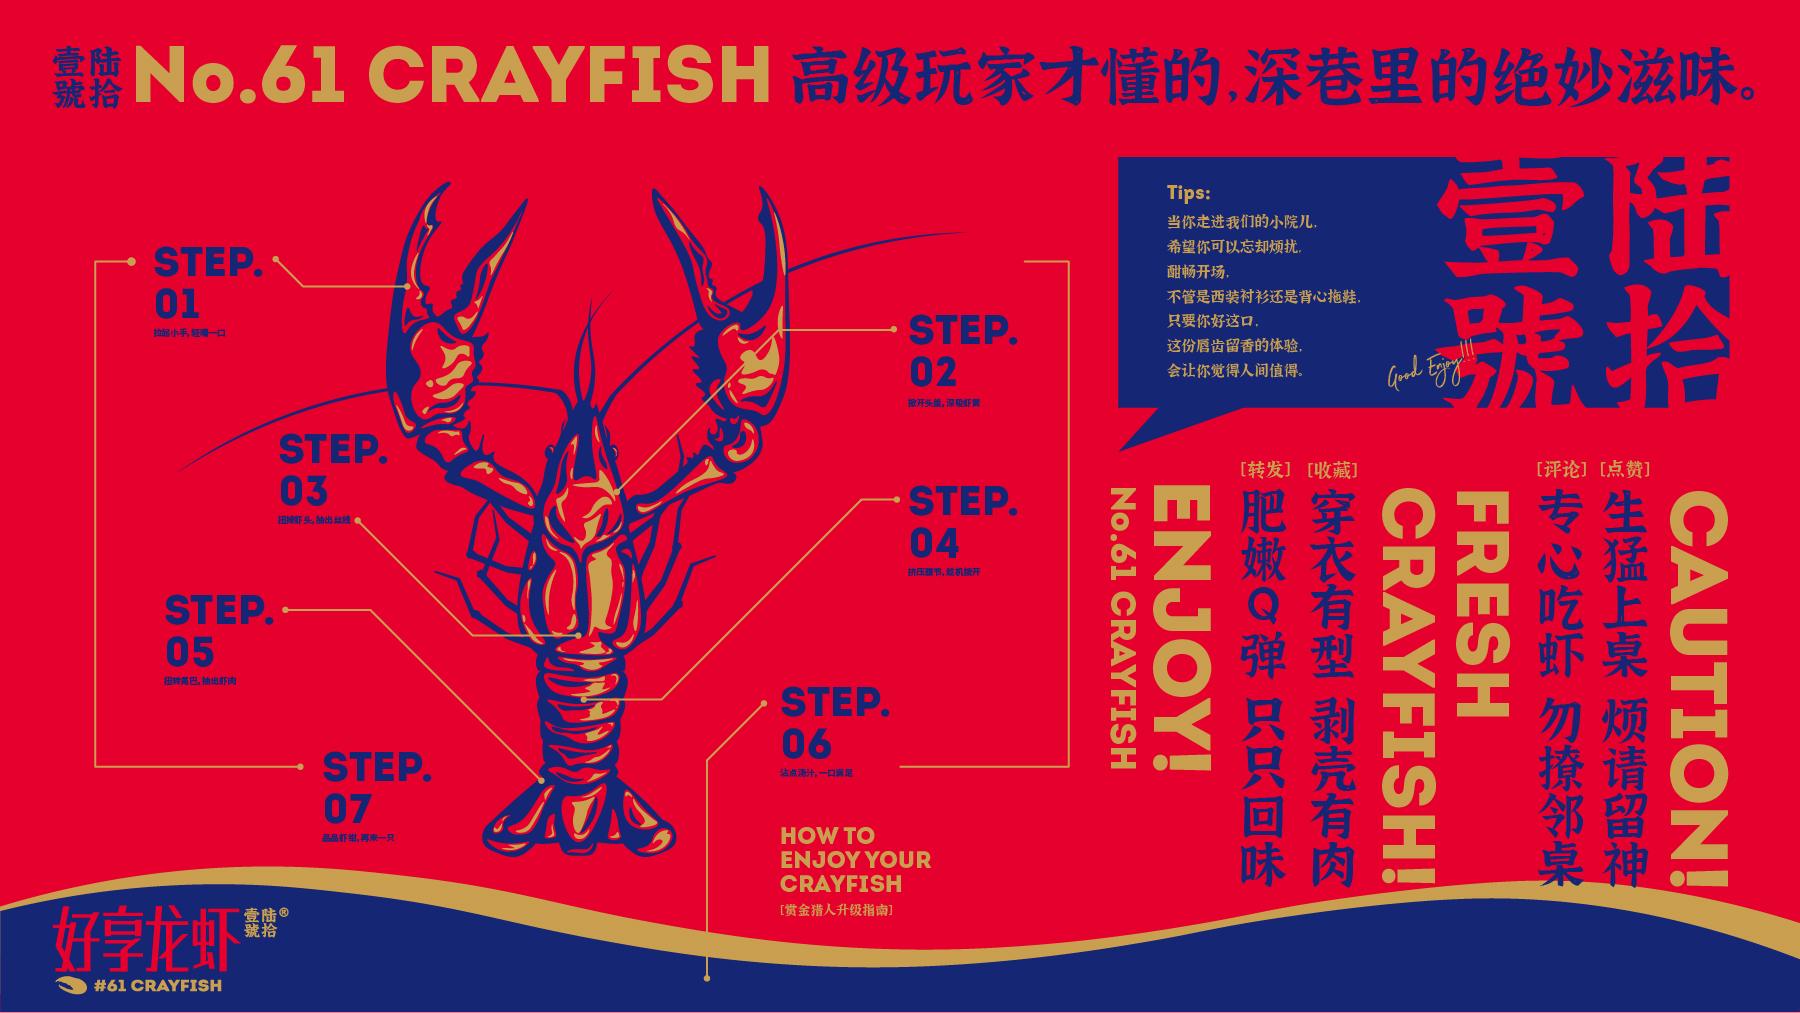 好享龙虾网站-4